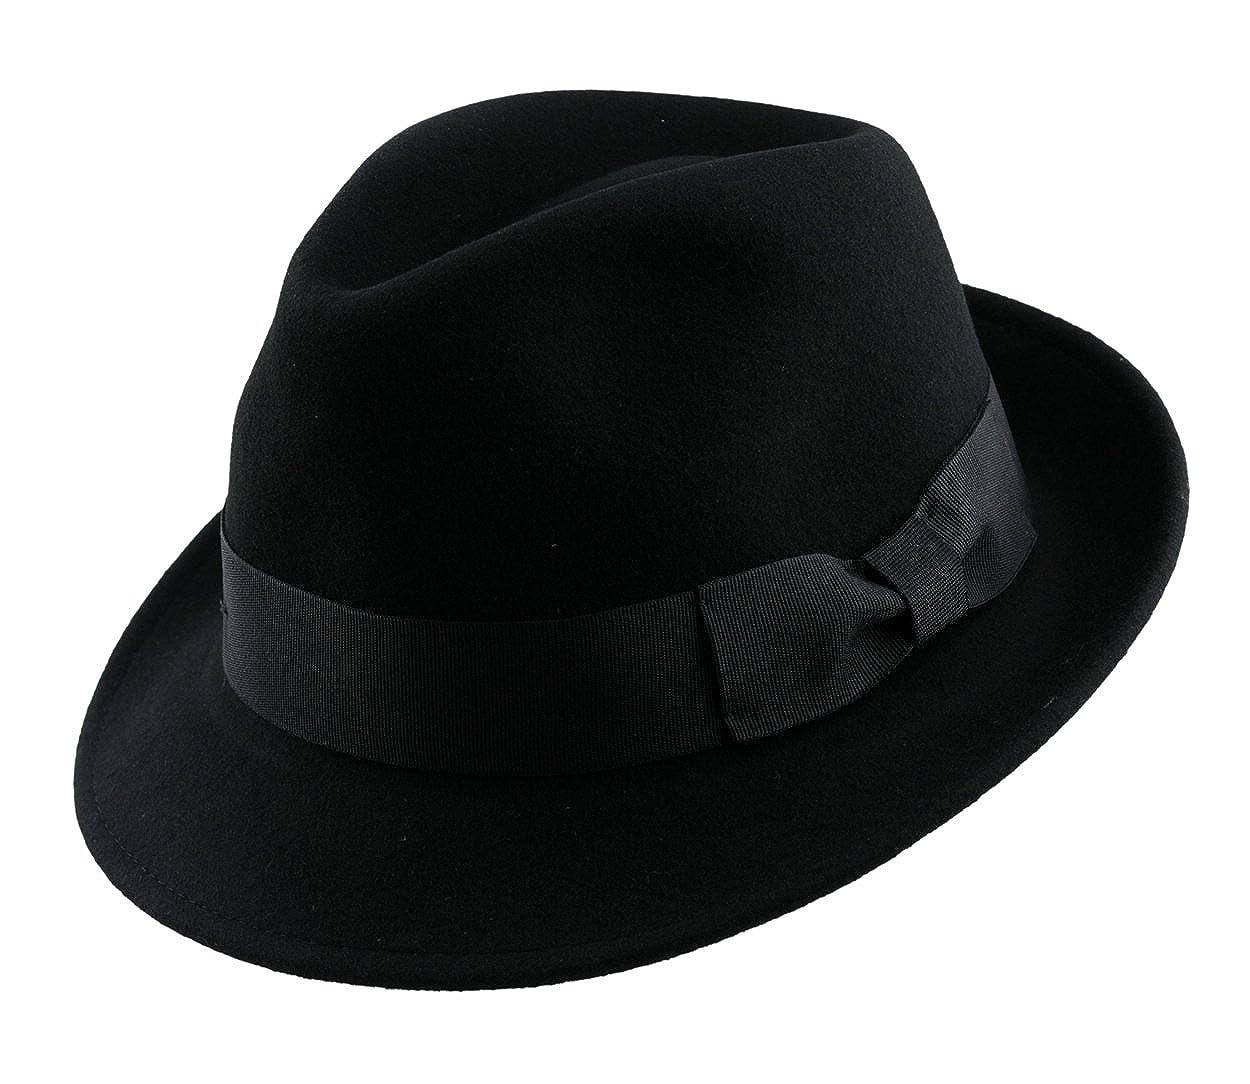 Mens Soft & Crushable Wool Felt Fedora Hat Bk HE02